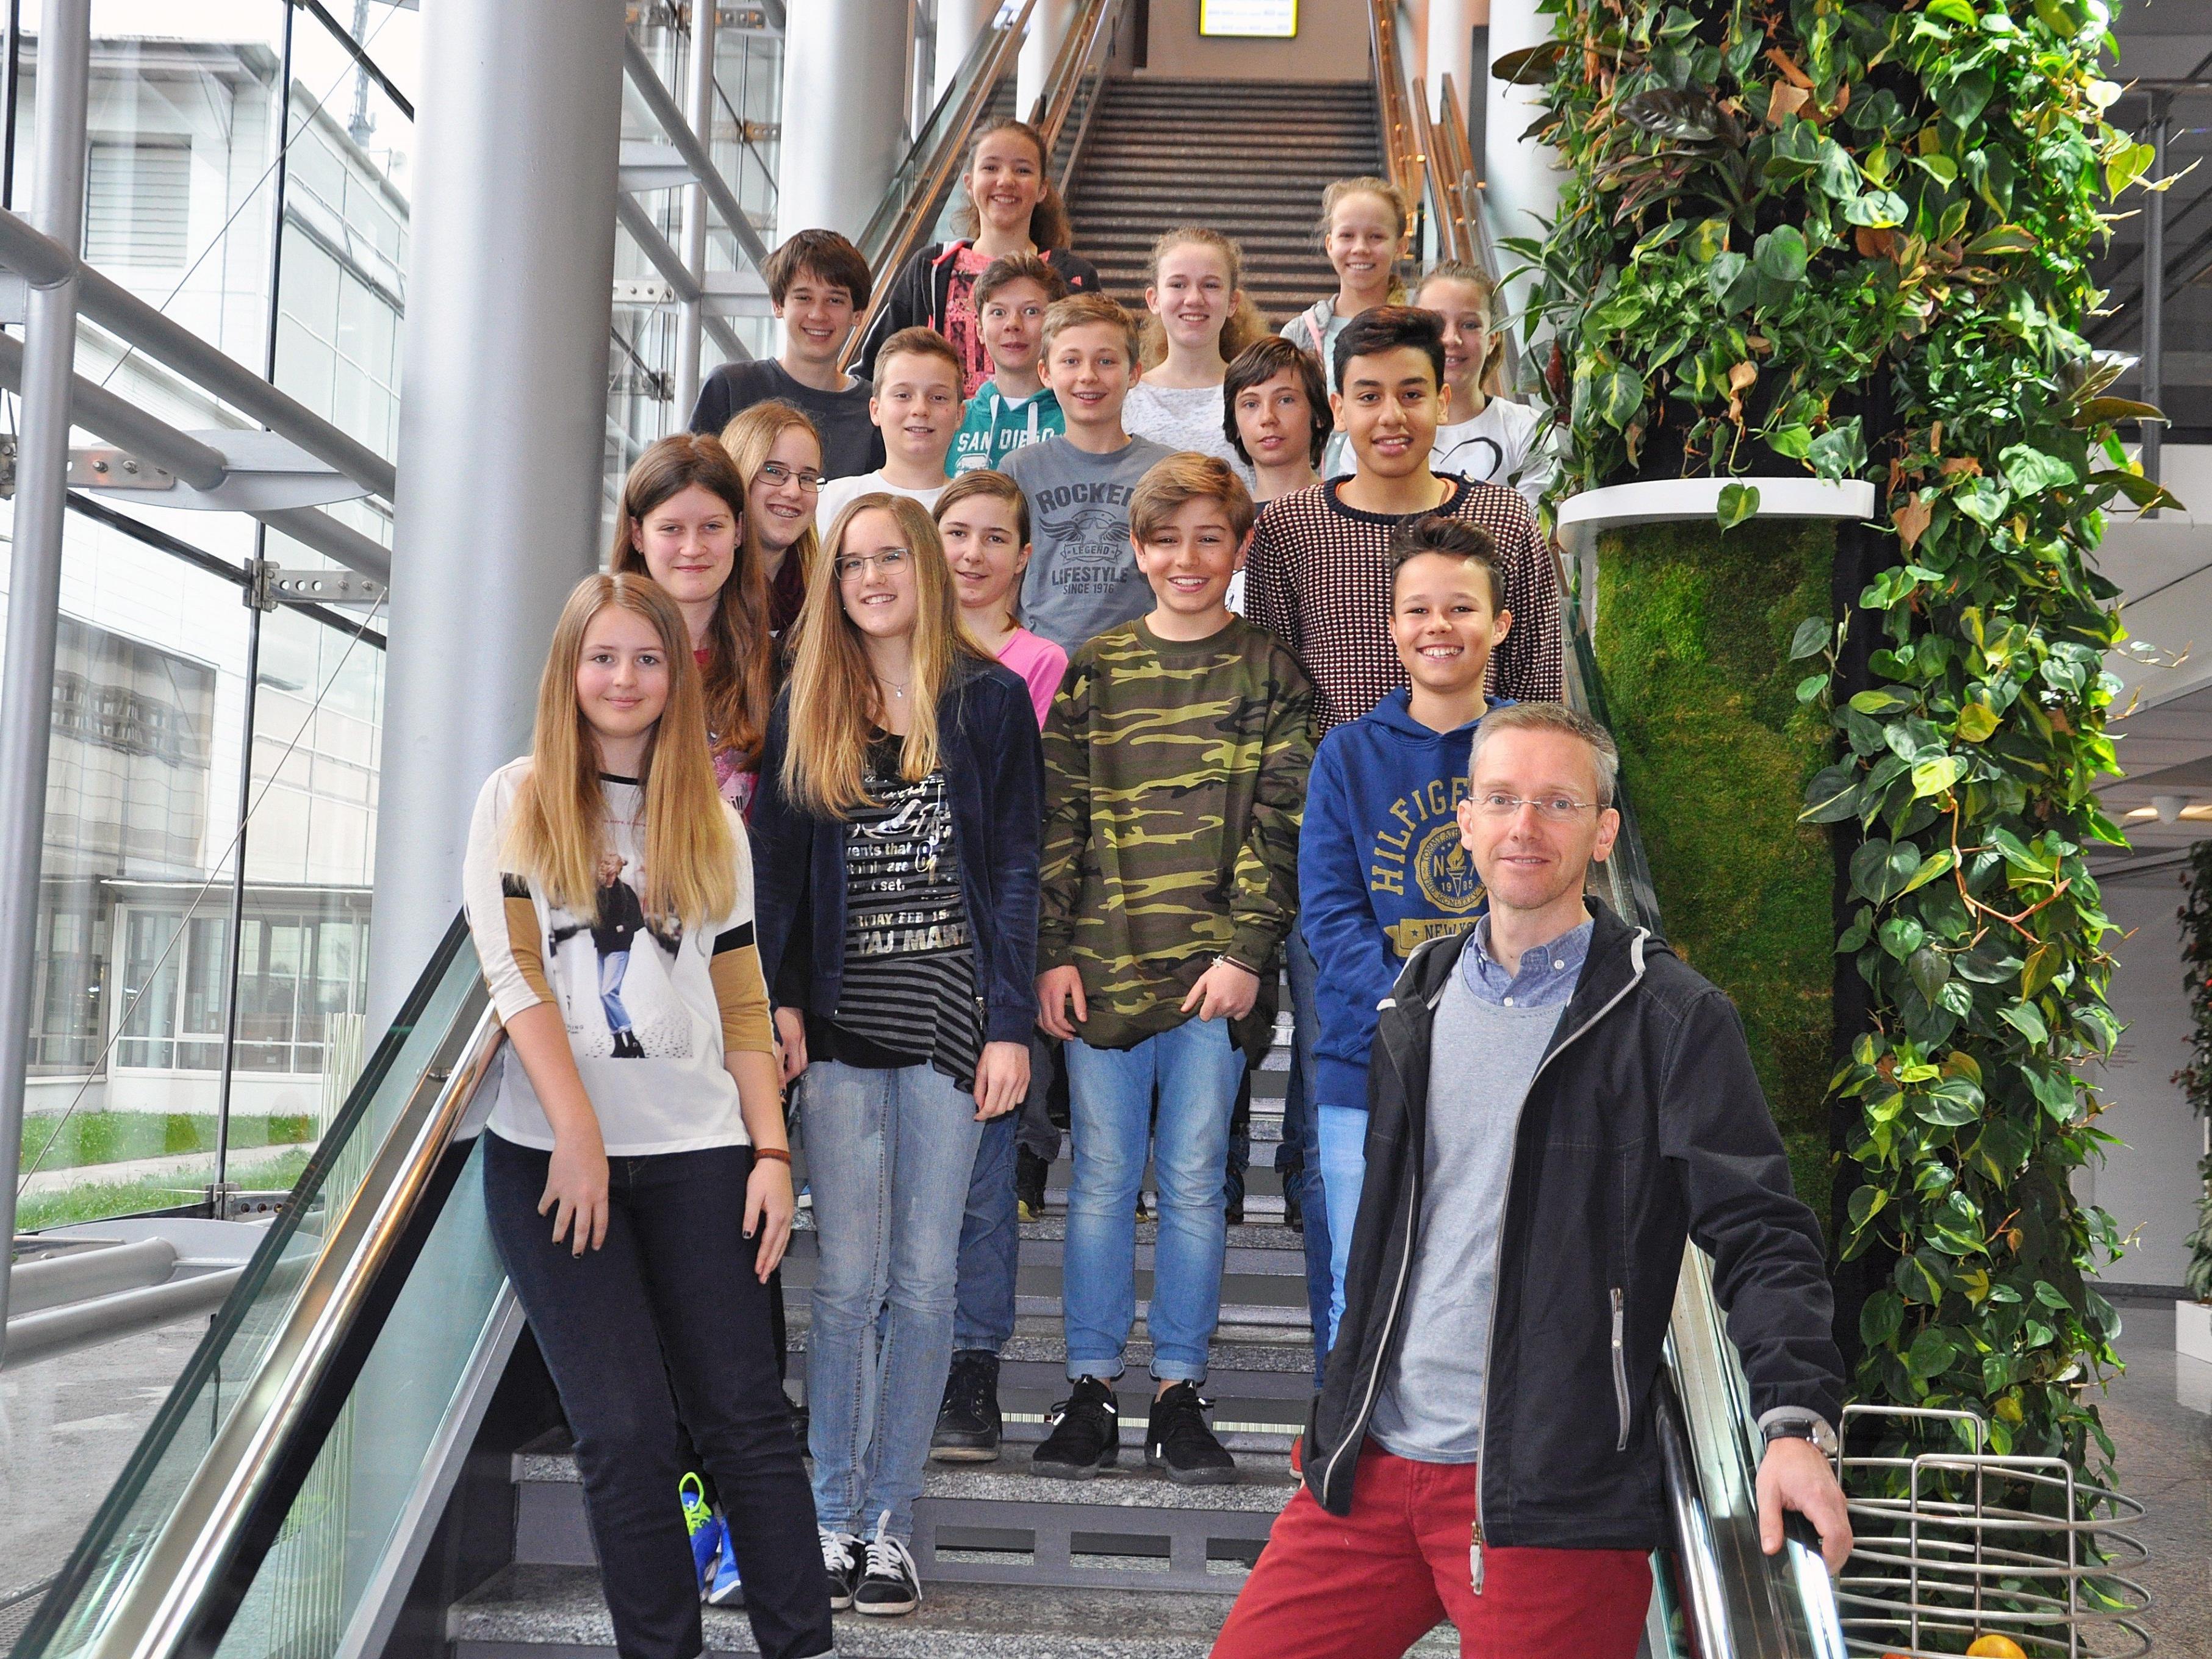 Die Schüler der 3r2 und der 3r3 hatten viel Spaß bei ihrem Besuch bei Russmedia.